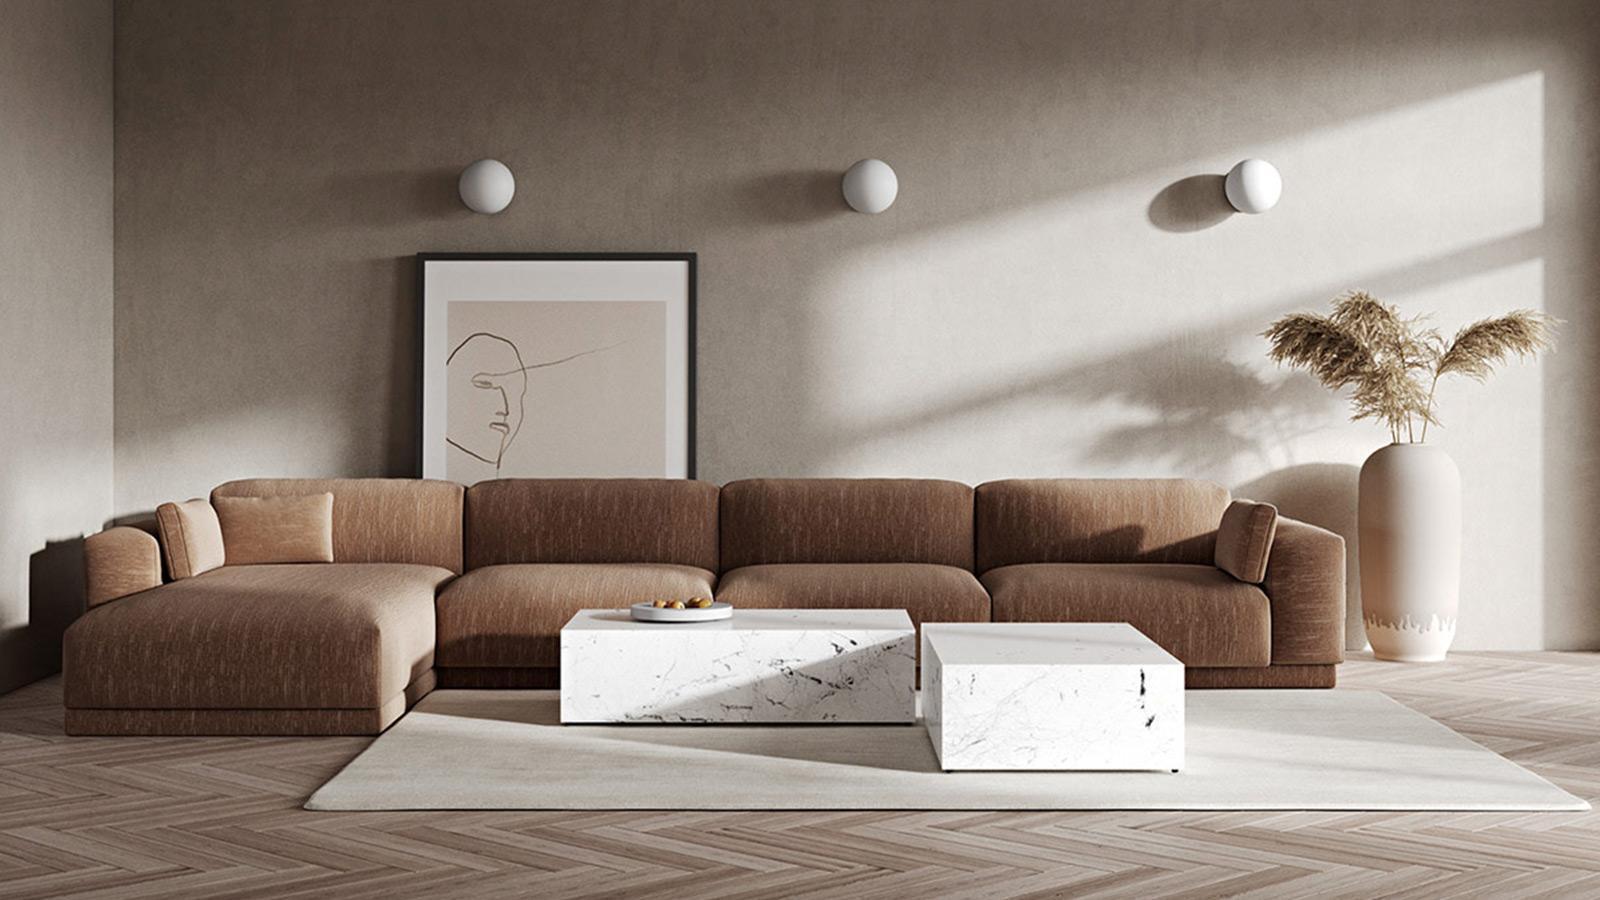 Phong cách nội thất tối giản Minimalism là gì? Nguyên tắc cơ bản